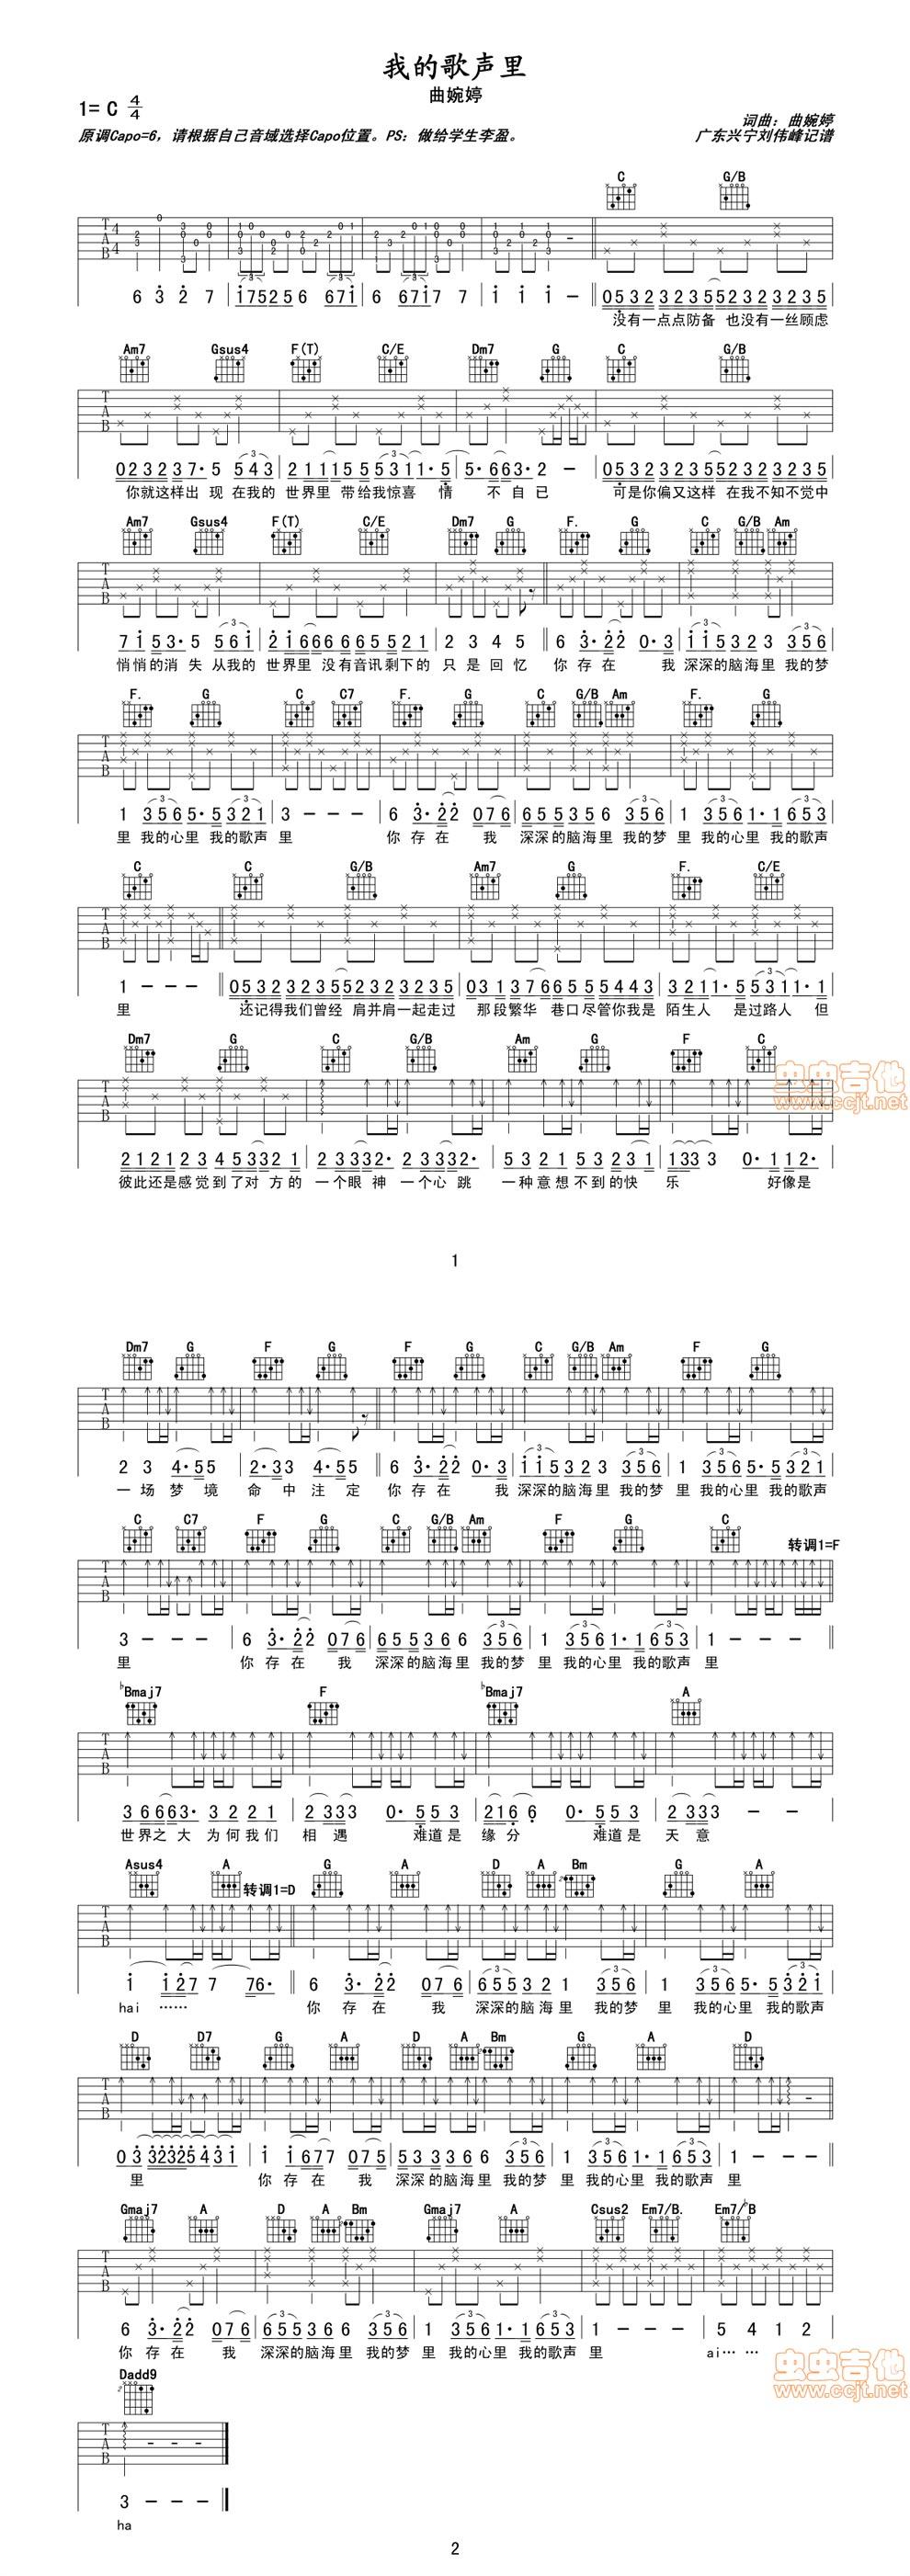 我的歌声里 原版的吉他谱 - 彼岸吉他中国第一吉他图片